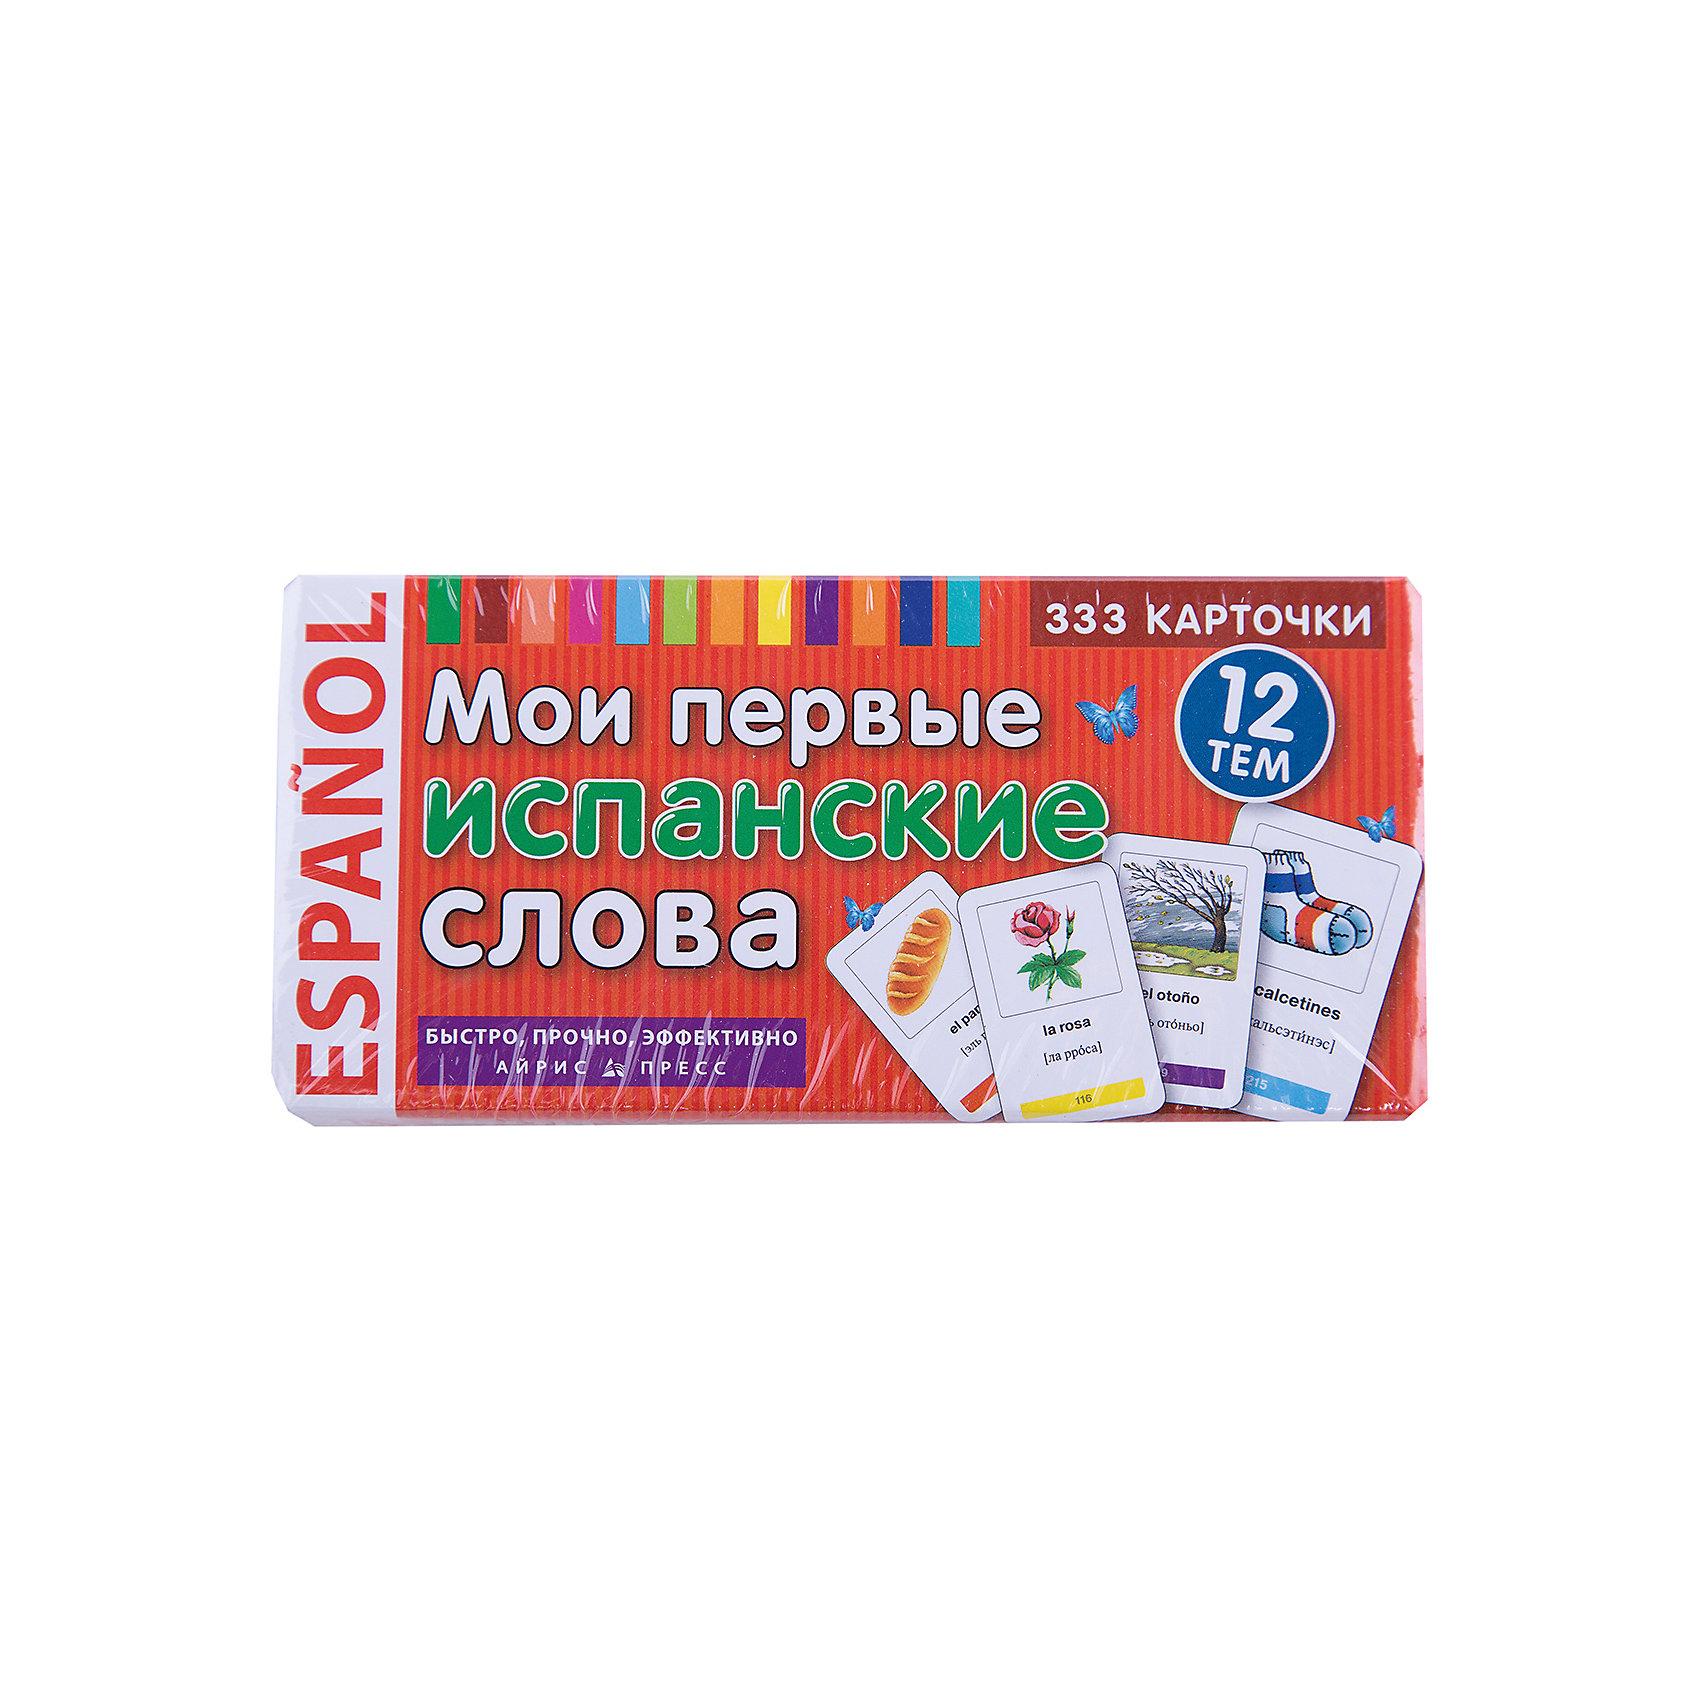 333 карточки для запоминания Мои первые испанские словаИностранный язык<br>Характеристики товара:<br><br>• возраст: от 7 лет<br>• комплектация: 333 картонные карточки<br>• производитель: Айрис-пресс<br>• серия: Тематические карточки<br>• размер карточки: 4,5х7 см.<br>• иллюстрации: черно-белые, цветные<br>• размер упаковки: 7,5х15,7х4,6 см.<br>• вес: 252 гр.<br><br>Комплект карточек предназначен для начинающих изучать испанский язык.<br><br>На карточках размещены наиболее употребляемые испанские слова, относящиеся к базовой лексике. Все слова разделены на тематические блоки (12 тем), сопровождаются занимательными иллюстрациями и русскоязычной транскрипцией.<br><br>Предлагаемая методика запоминания основана на связи испанского и русского слова через картинку. Это позволяет выучить быстро и эффективно большое количество новых слов.<br><br>В пособии предусмотрена возможность самостоятельного создания дополнительных карточек с использованием имеющихся в комплекте заготовок.<br><br>333 карточки для запоминания Мои первые испанские слова можно купить в нашем интернет-магазине.<br><br>Ширина мм: 48<br>Глубина мм: 157<br>Высота мм: 75<br>Вес г: 235<br>Возраст от месяцев: -2147483648<br>Возраст до месяцев: 2147483647<br>Пол: Унисекс<br>Возраст: Детский<br>SKU: 6849636